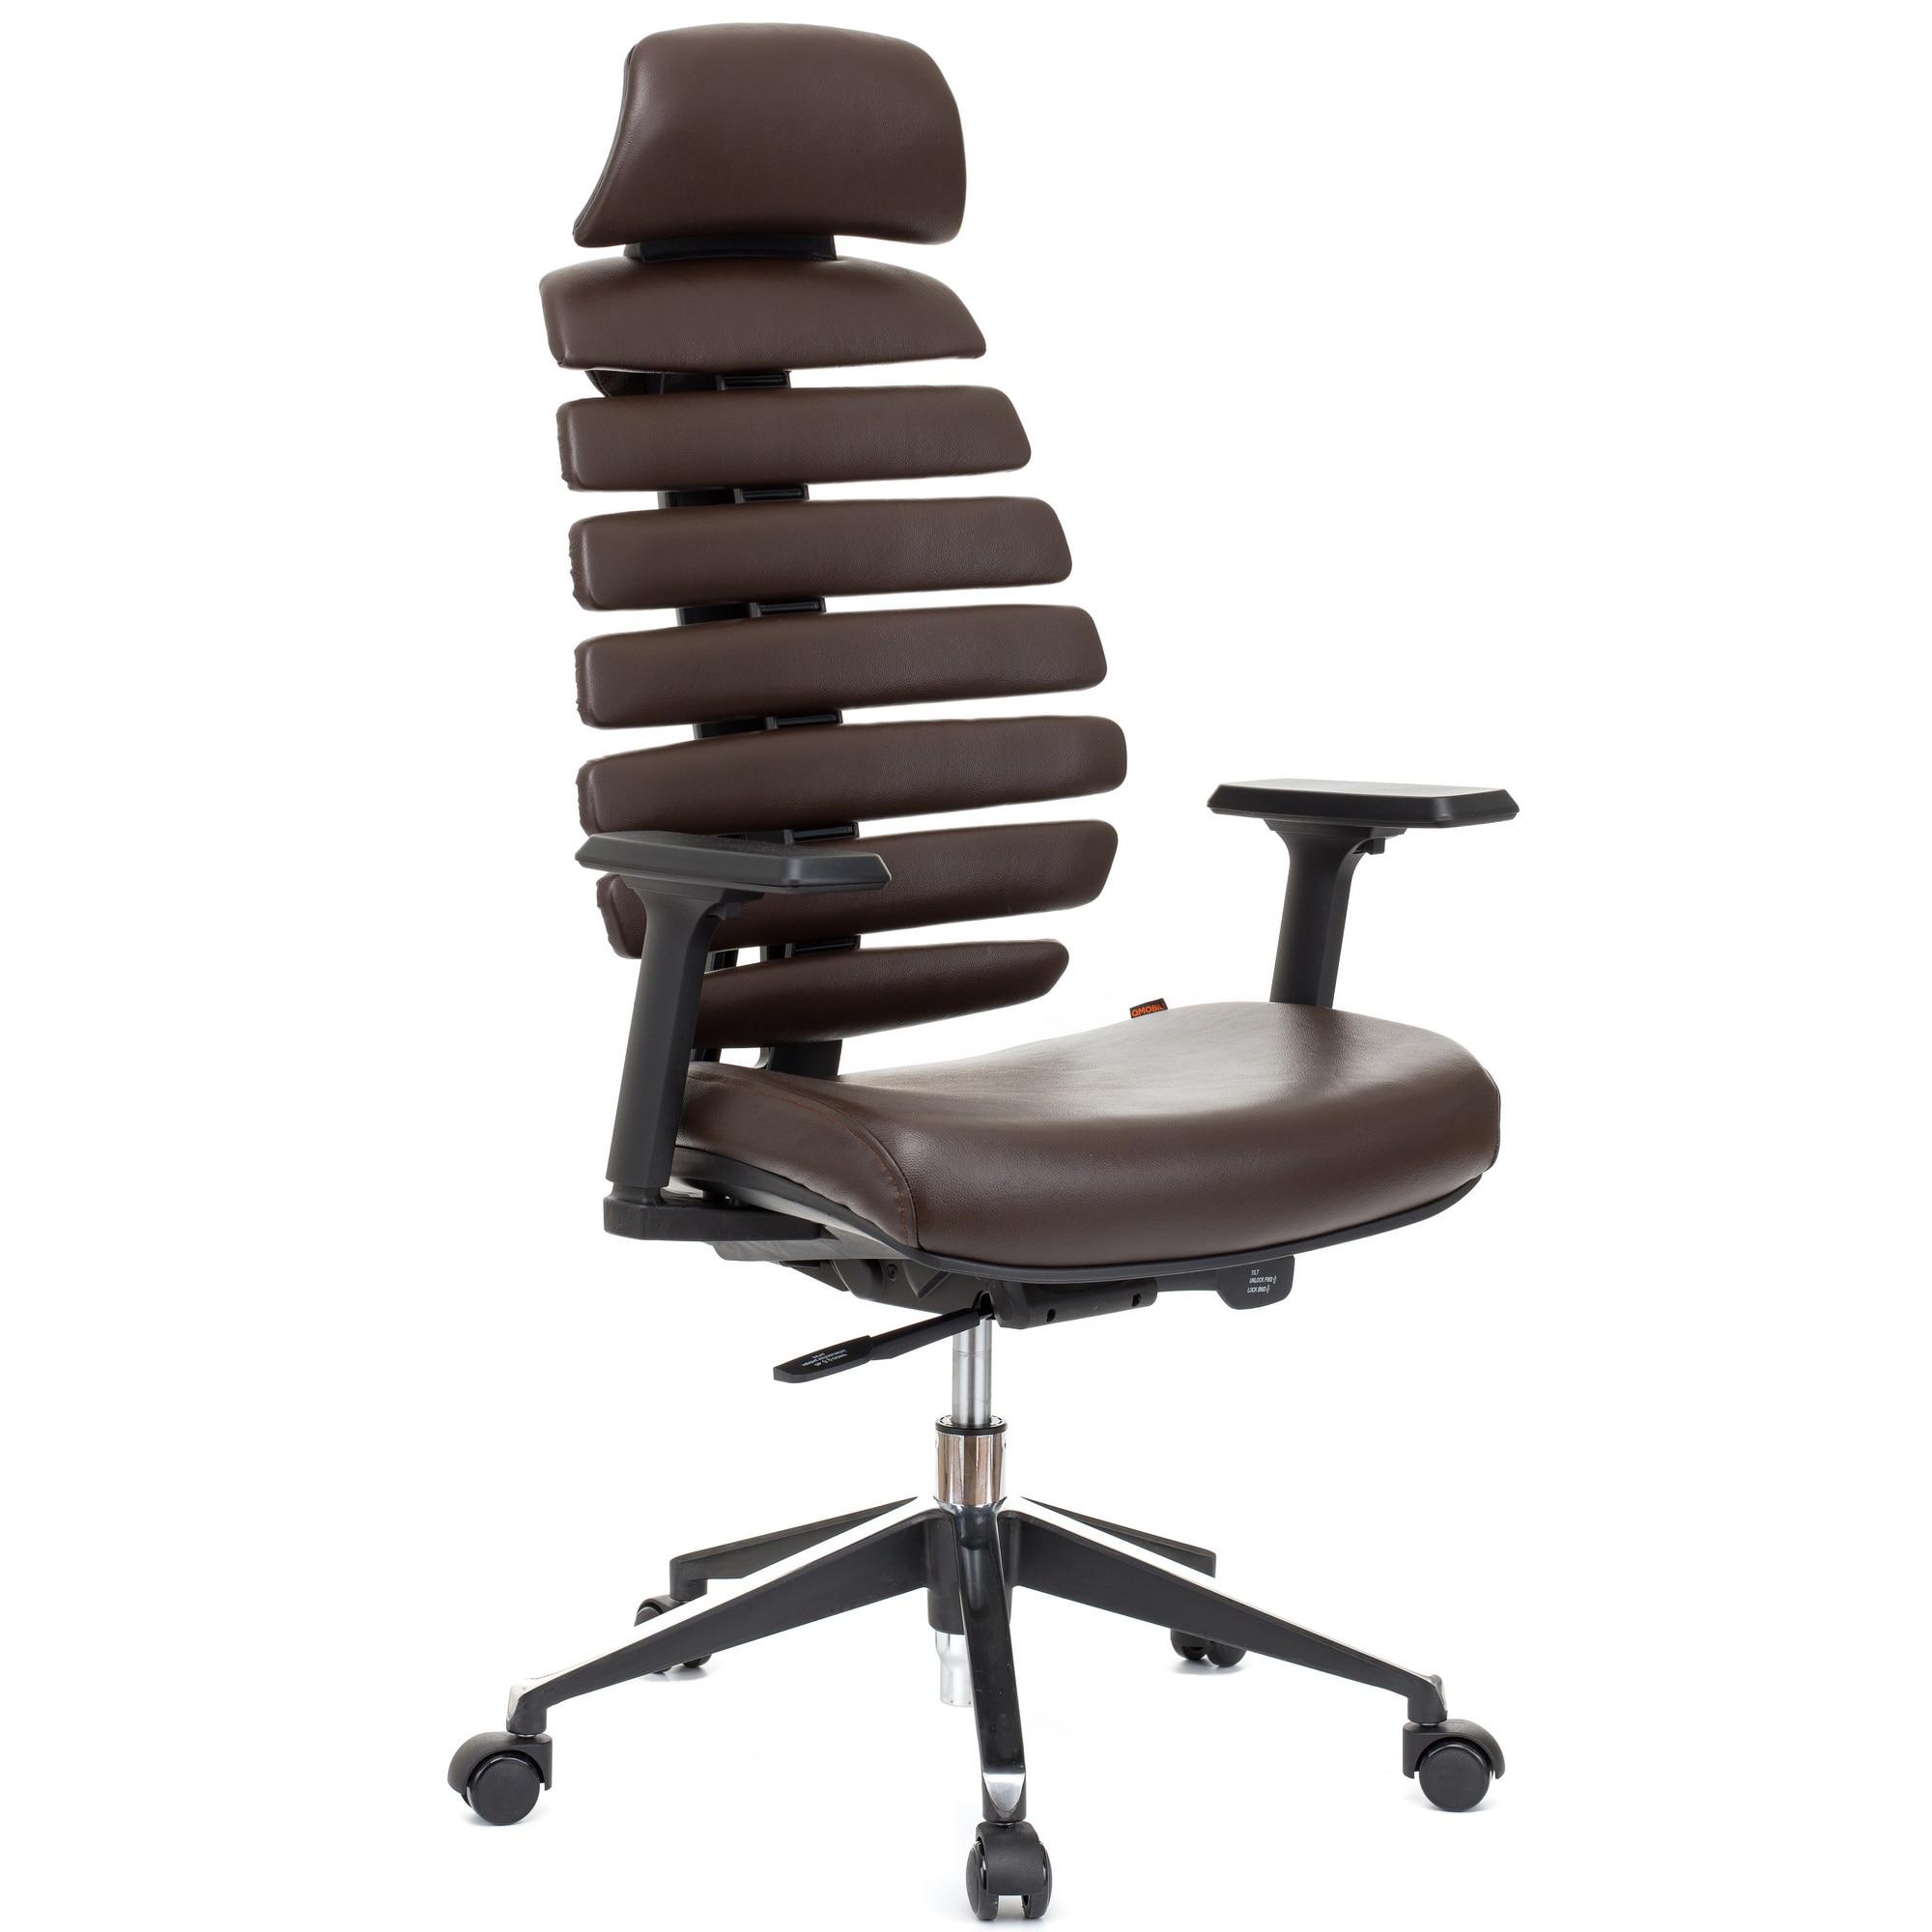 QMOBILI ERGO LINE HI Barna ergonomikus szék, valódi bőr, fejtámla, csúszó ülés, önállóan állítható deréktámasz, állítható 3D karfa, alumínium